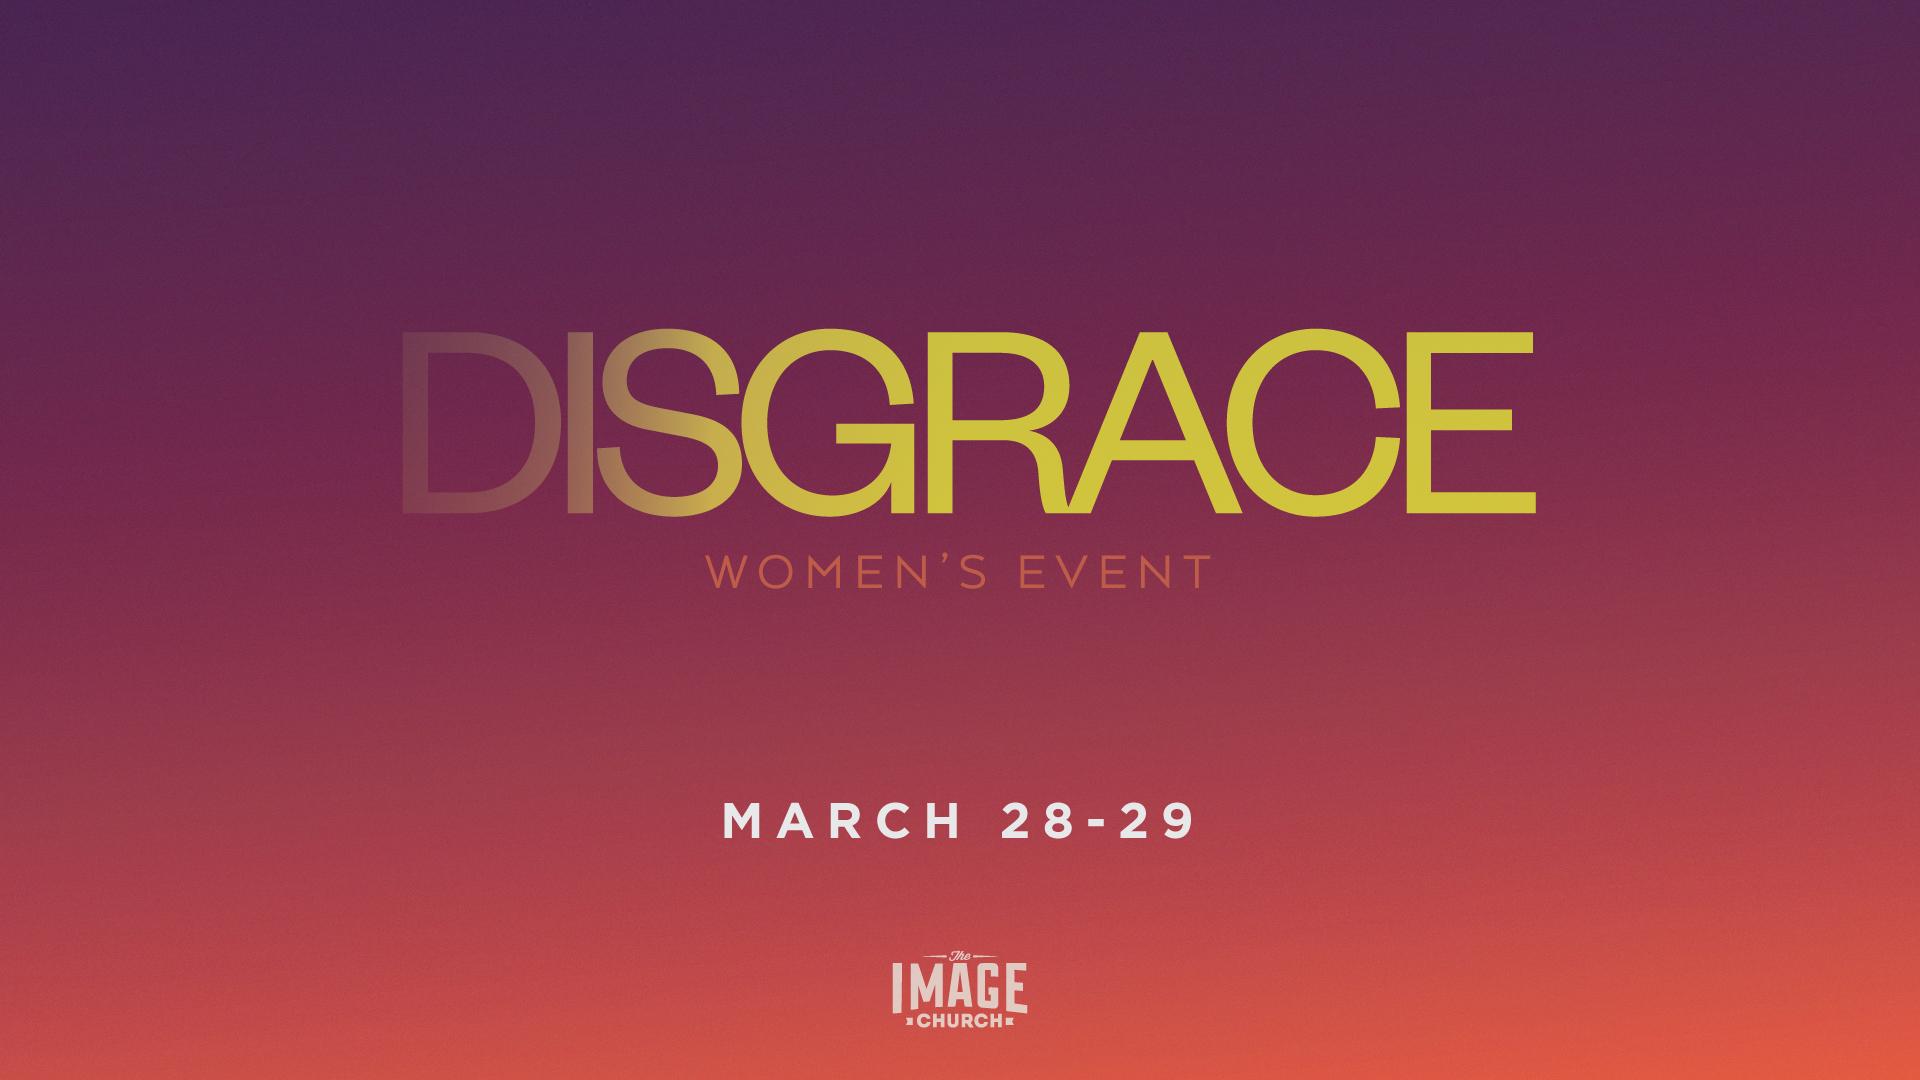 Disgrace_Slide.jpg